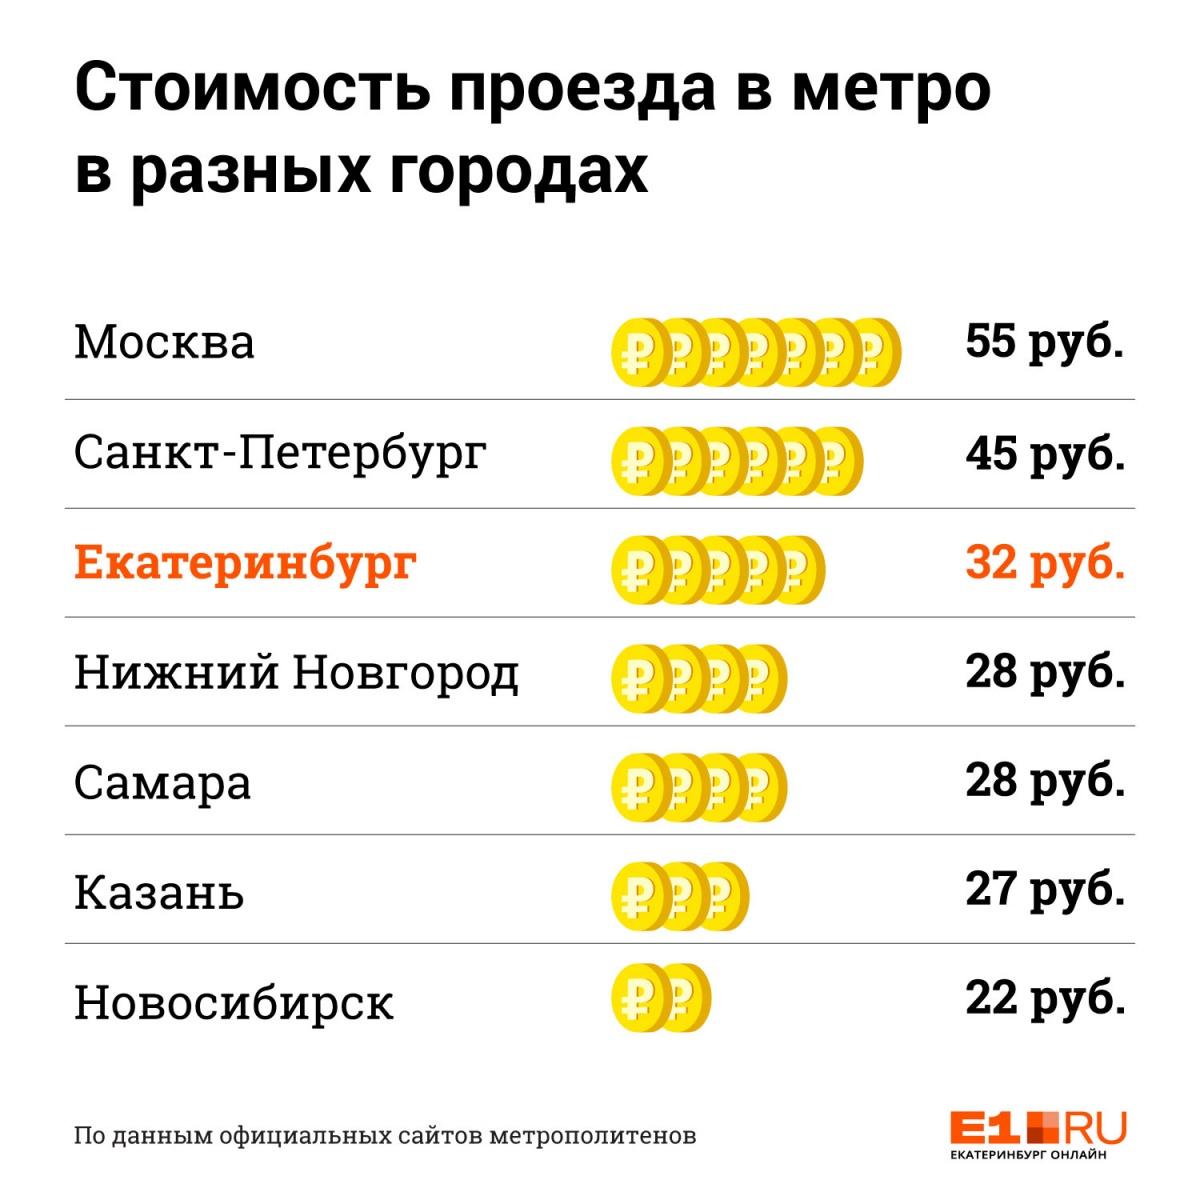 Дороже только в Москве и Питере: сравниваем цены на поездку в метро Екатеринбурга и других городов